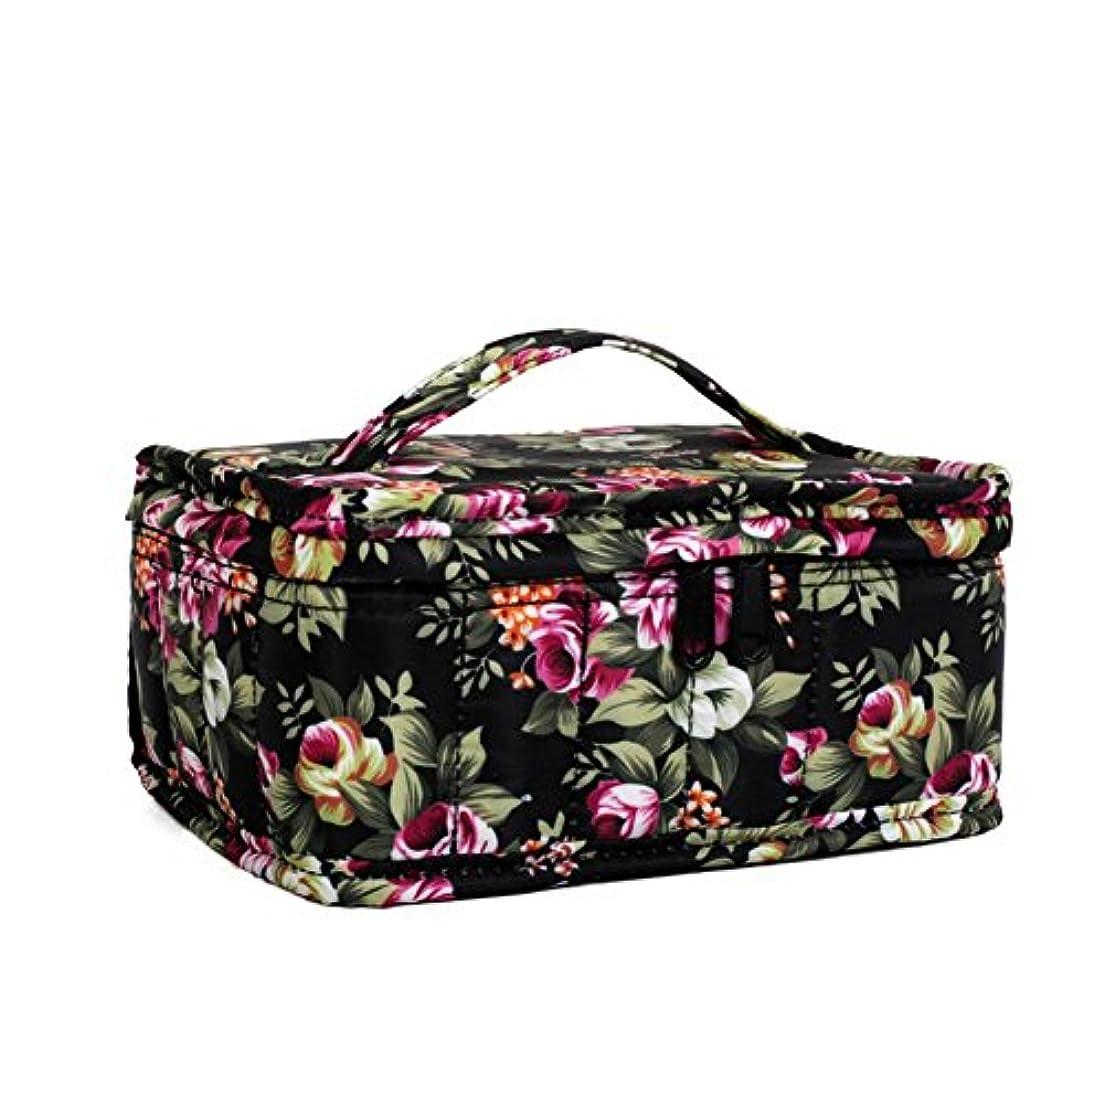 リスキーな評価可能きらきらFarlong 色柄17コマオイルバッグ エッセンシャルオイル収納袋 香水収納袋 アロマオイル収納袋 保管袋 パッケージ携帯ケース用 大容量 4色